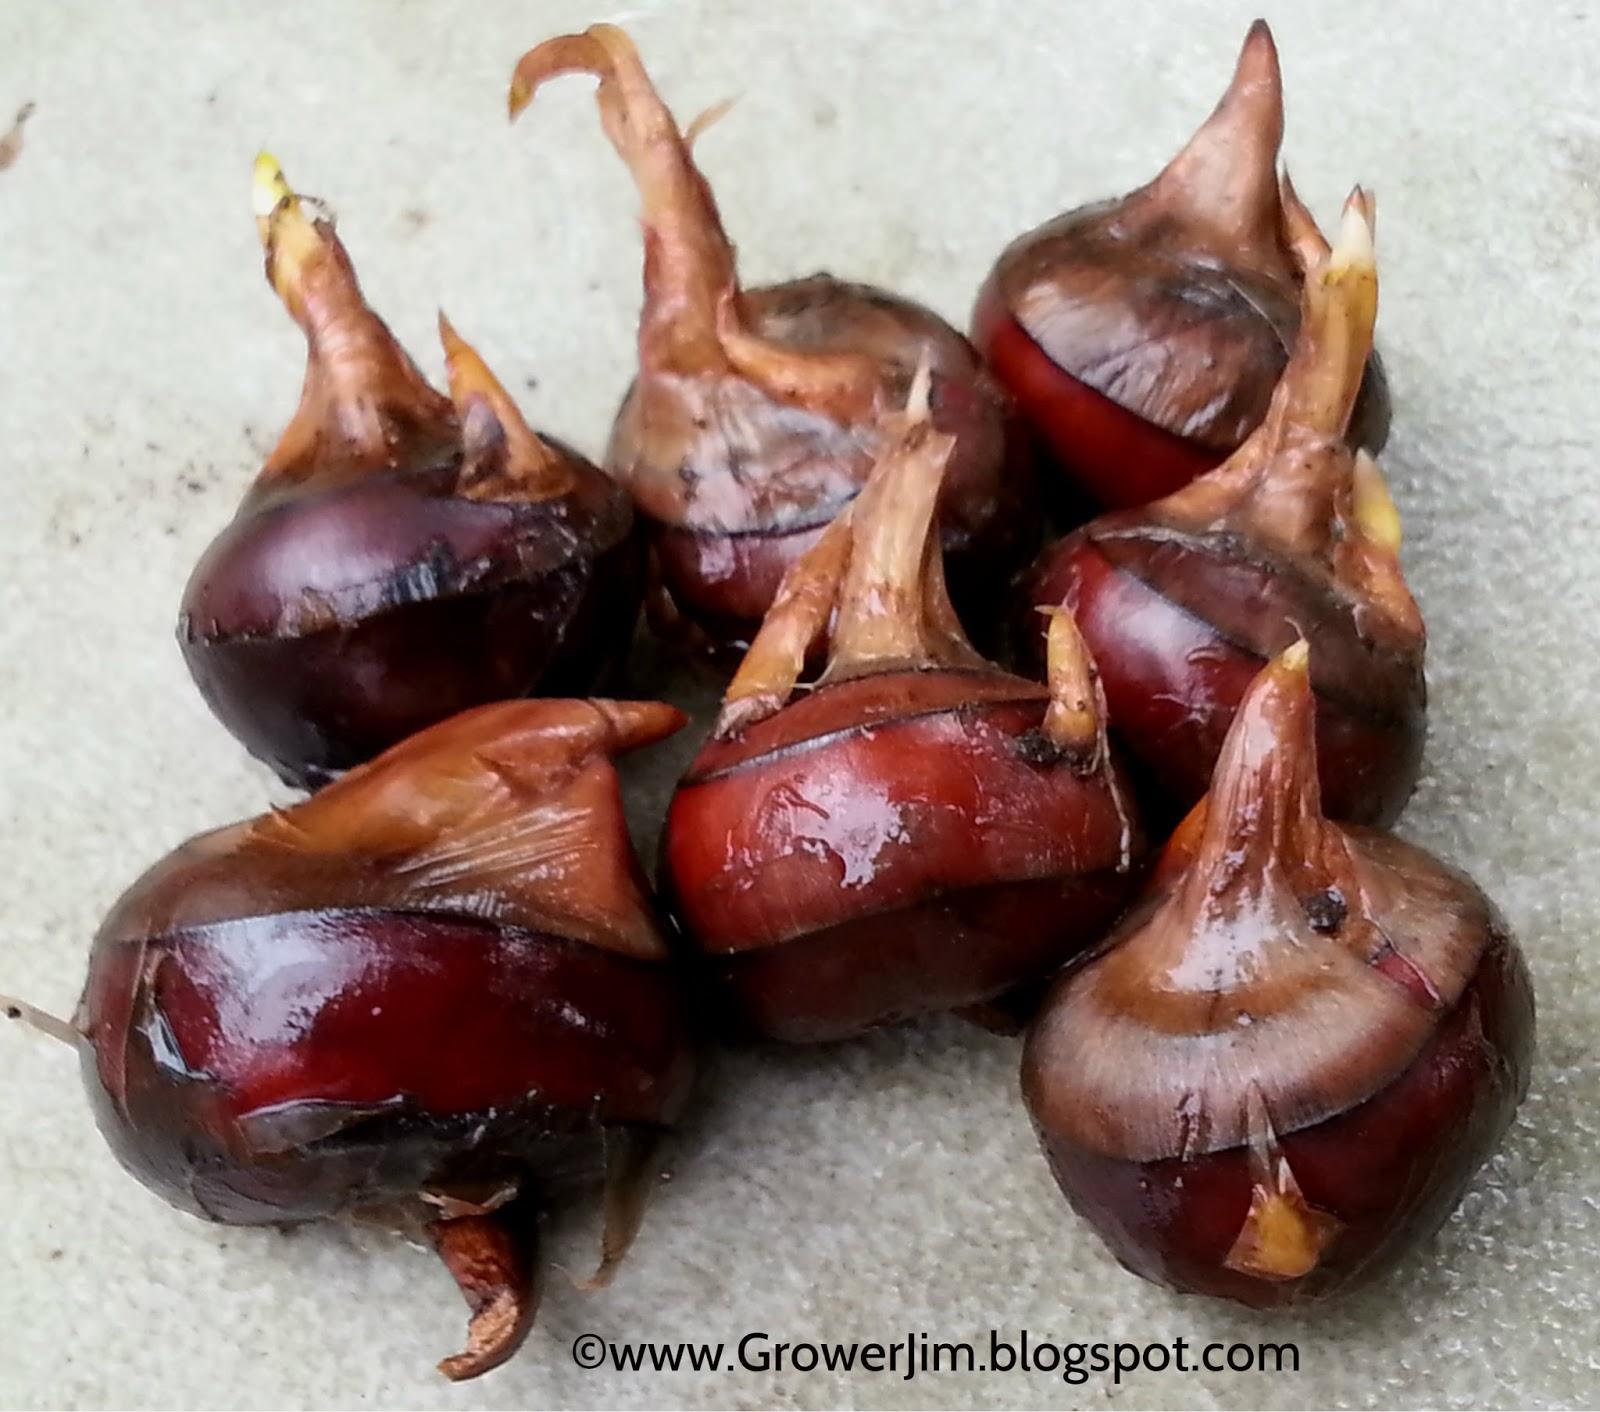 Garden adventures water chestnut eleocharis dulcis for The chestnut